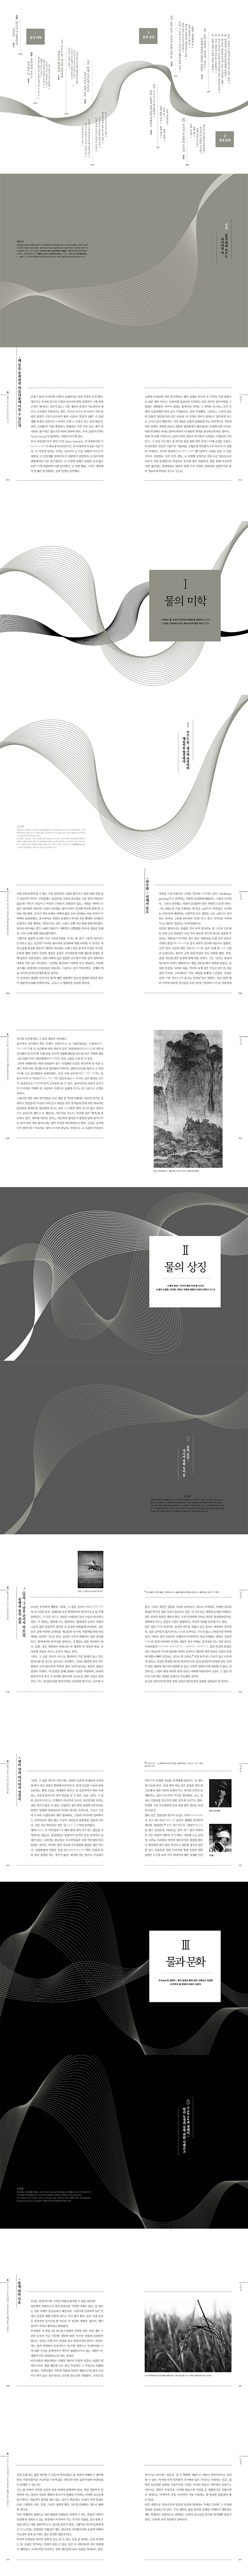 물과 아시아 미(Asian beauty 탐색 프로젝트) 도서 상세이미지